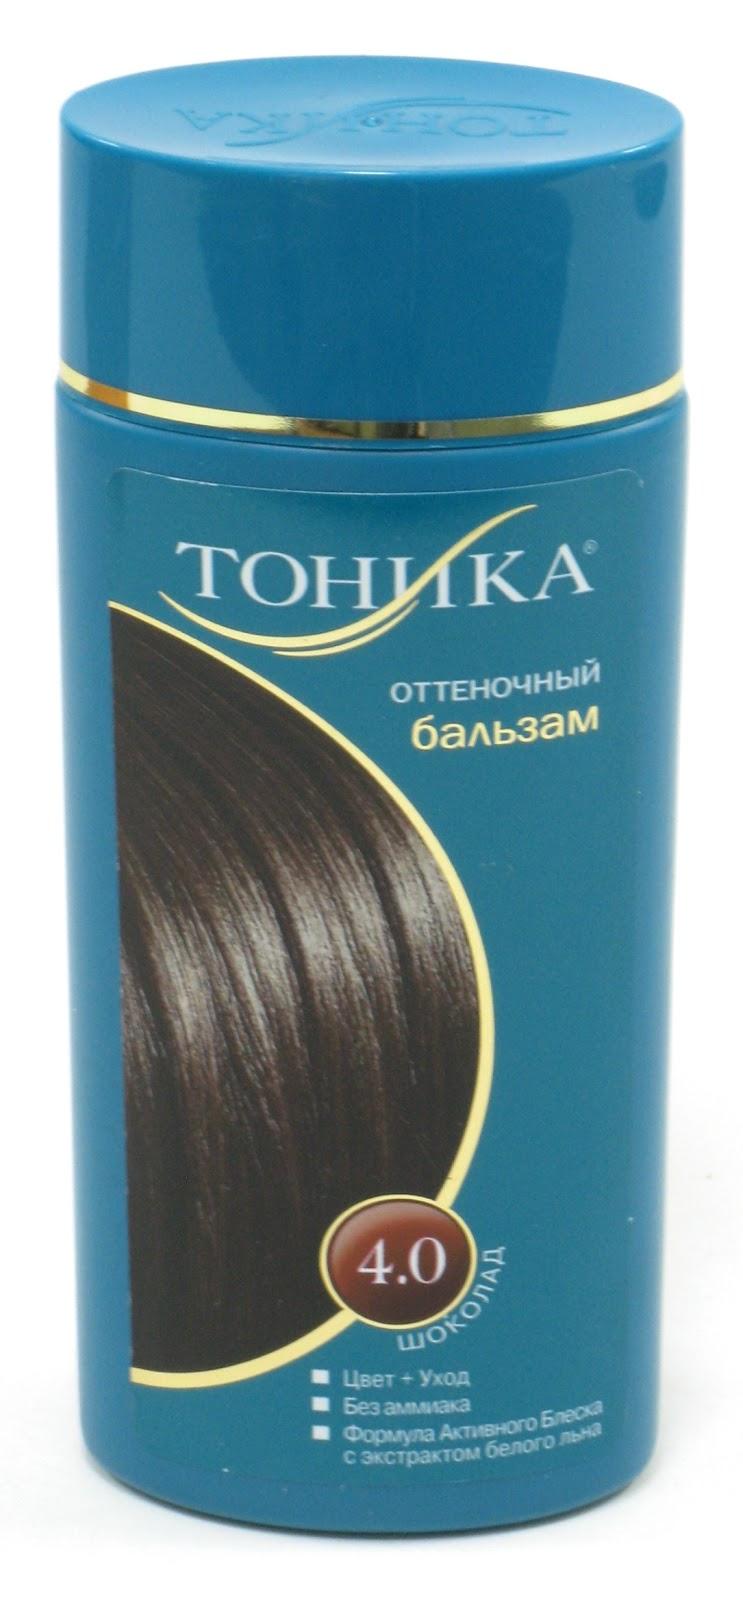 Тоника для волос отзывы как смыть